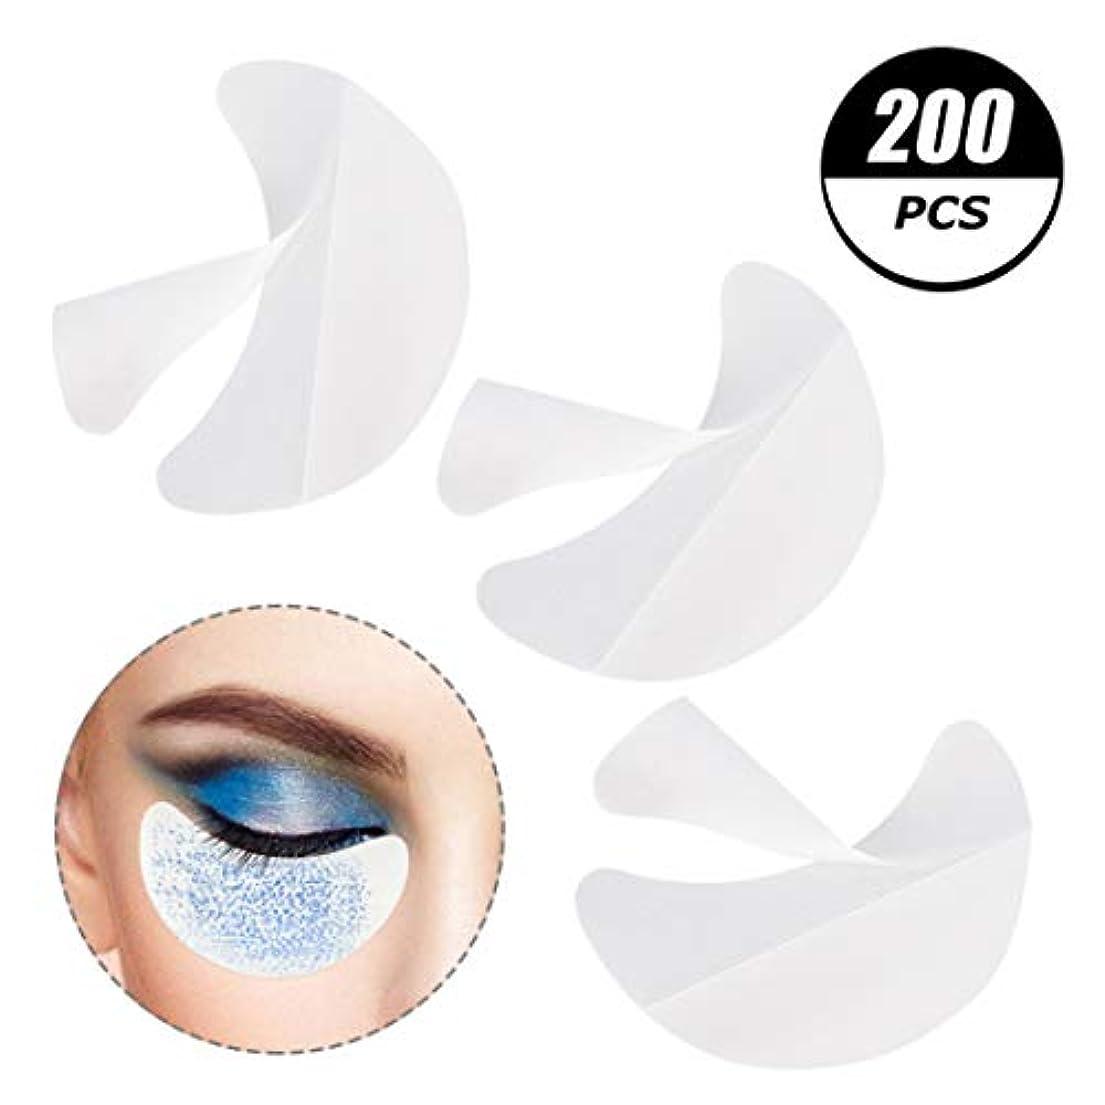 図年金ローラーWadachikis まつげエクステンション、色合いと唇化粧残渣化粧品ツールを防ぐために、信頼できる200の部分アイシャドーシールドアイシャドー?ステンシル